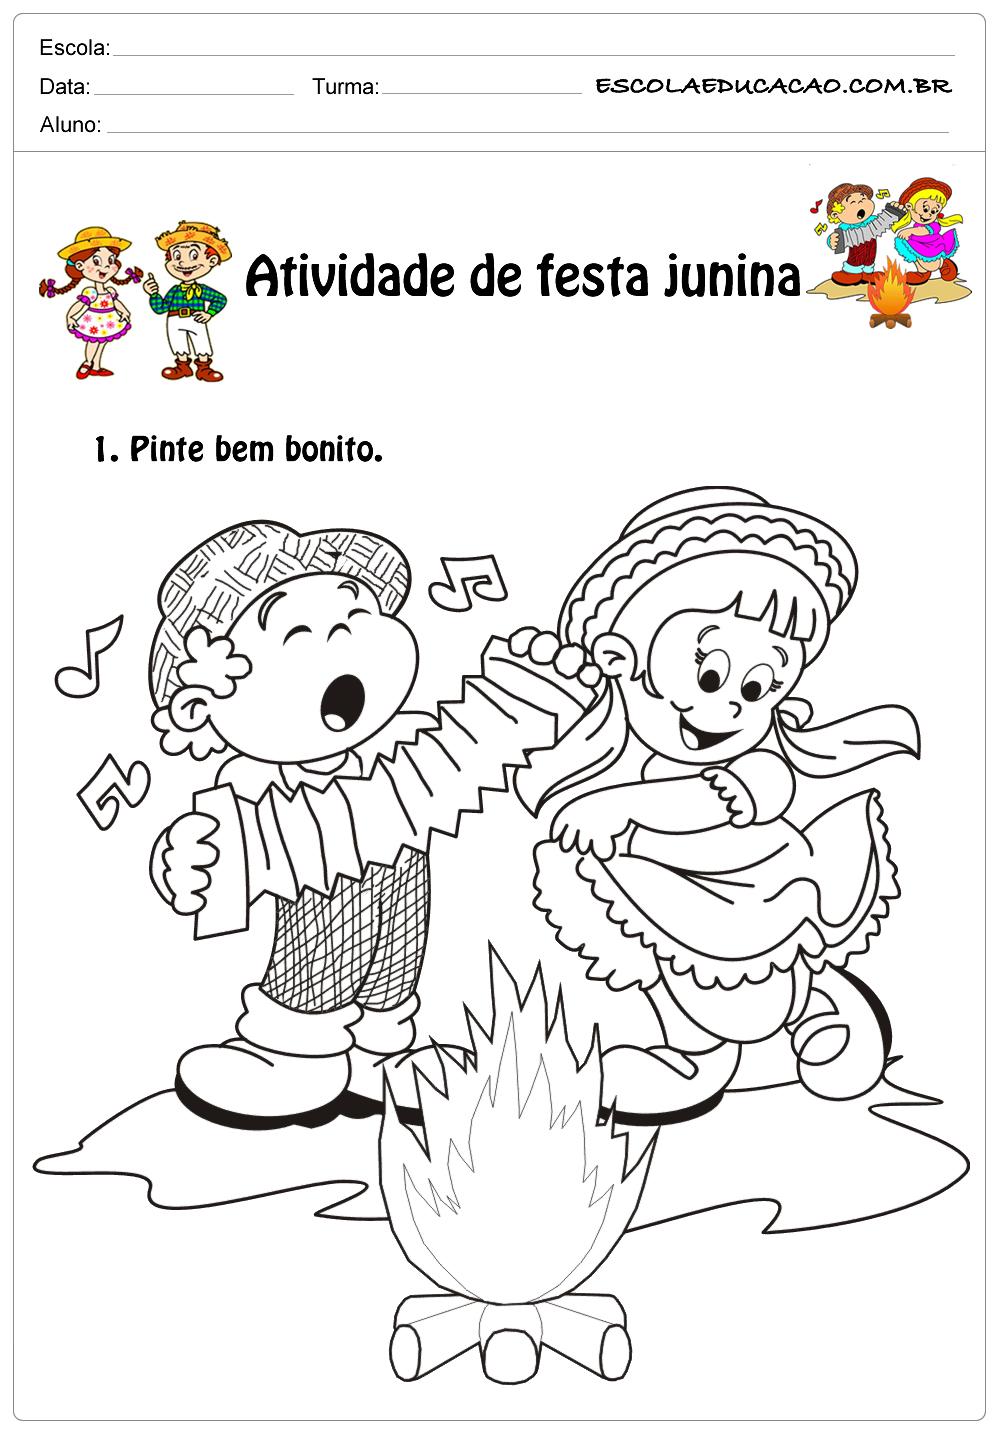 Atividade de festa junina 1°ano pinte bem bonito